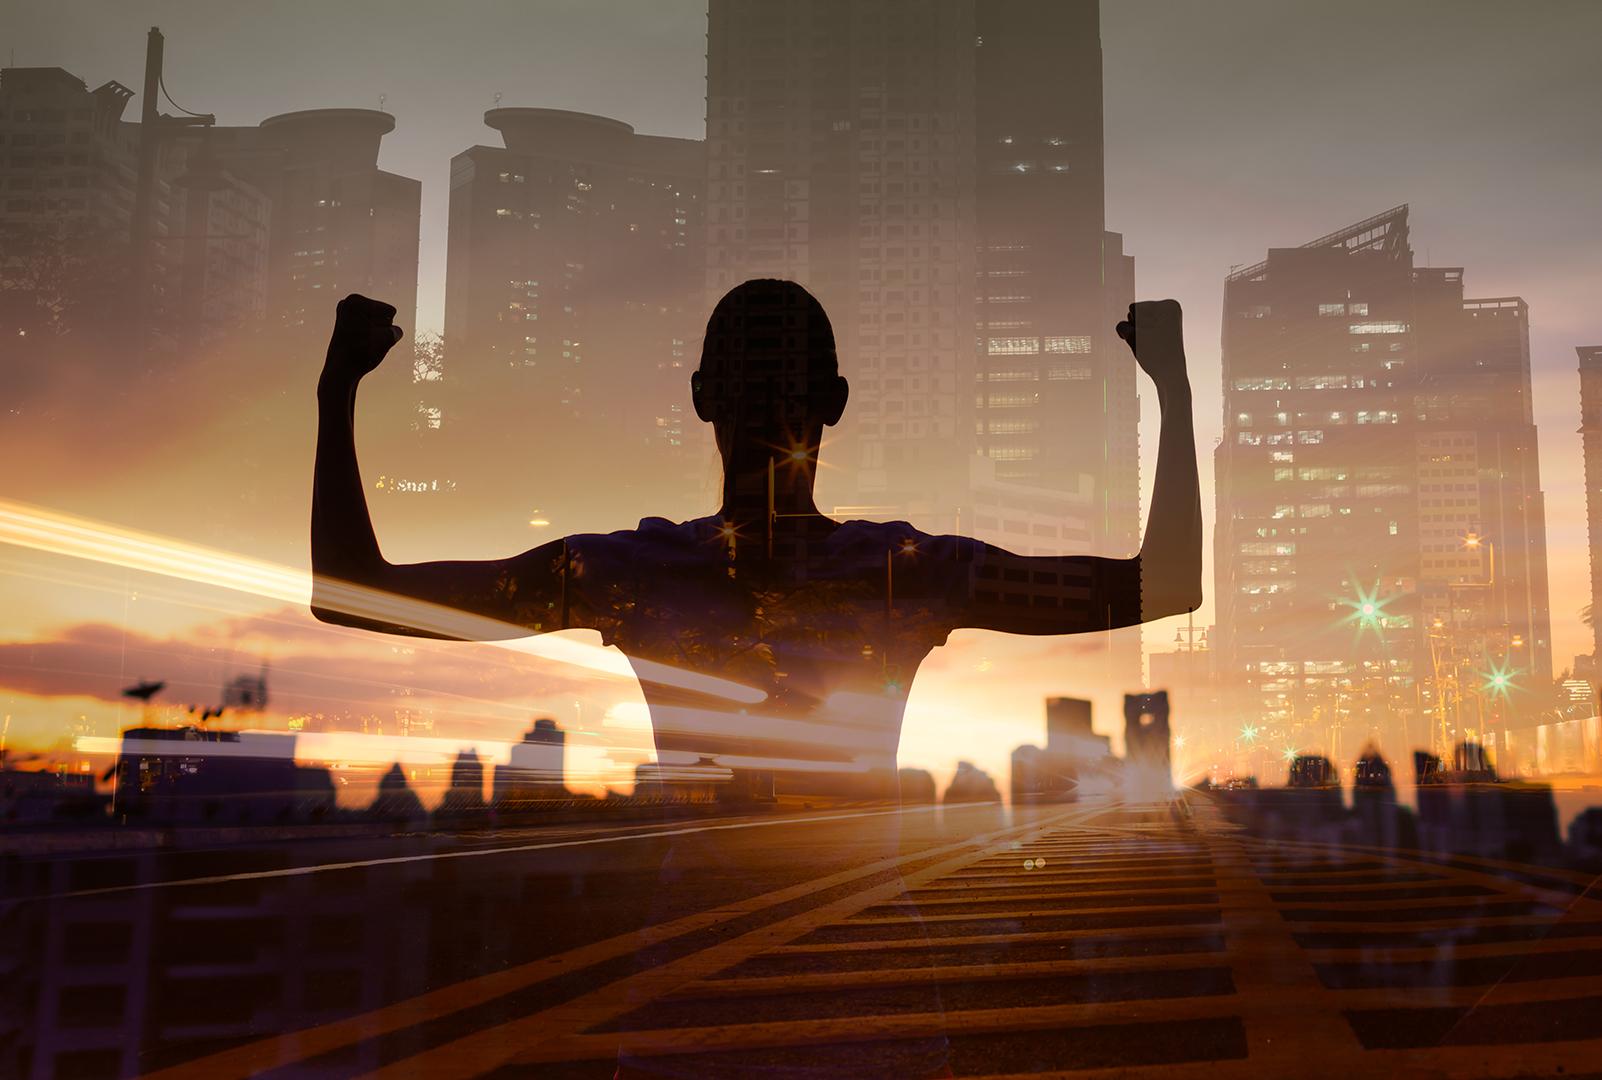 Aprendí a luchar por una economía bendecida y a vencer los obstáculos2 min read